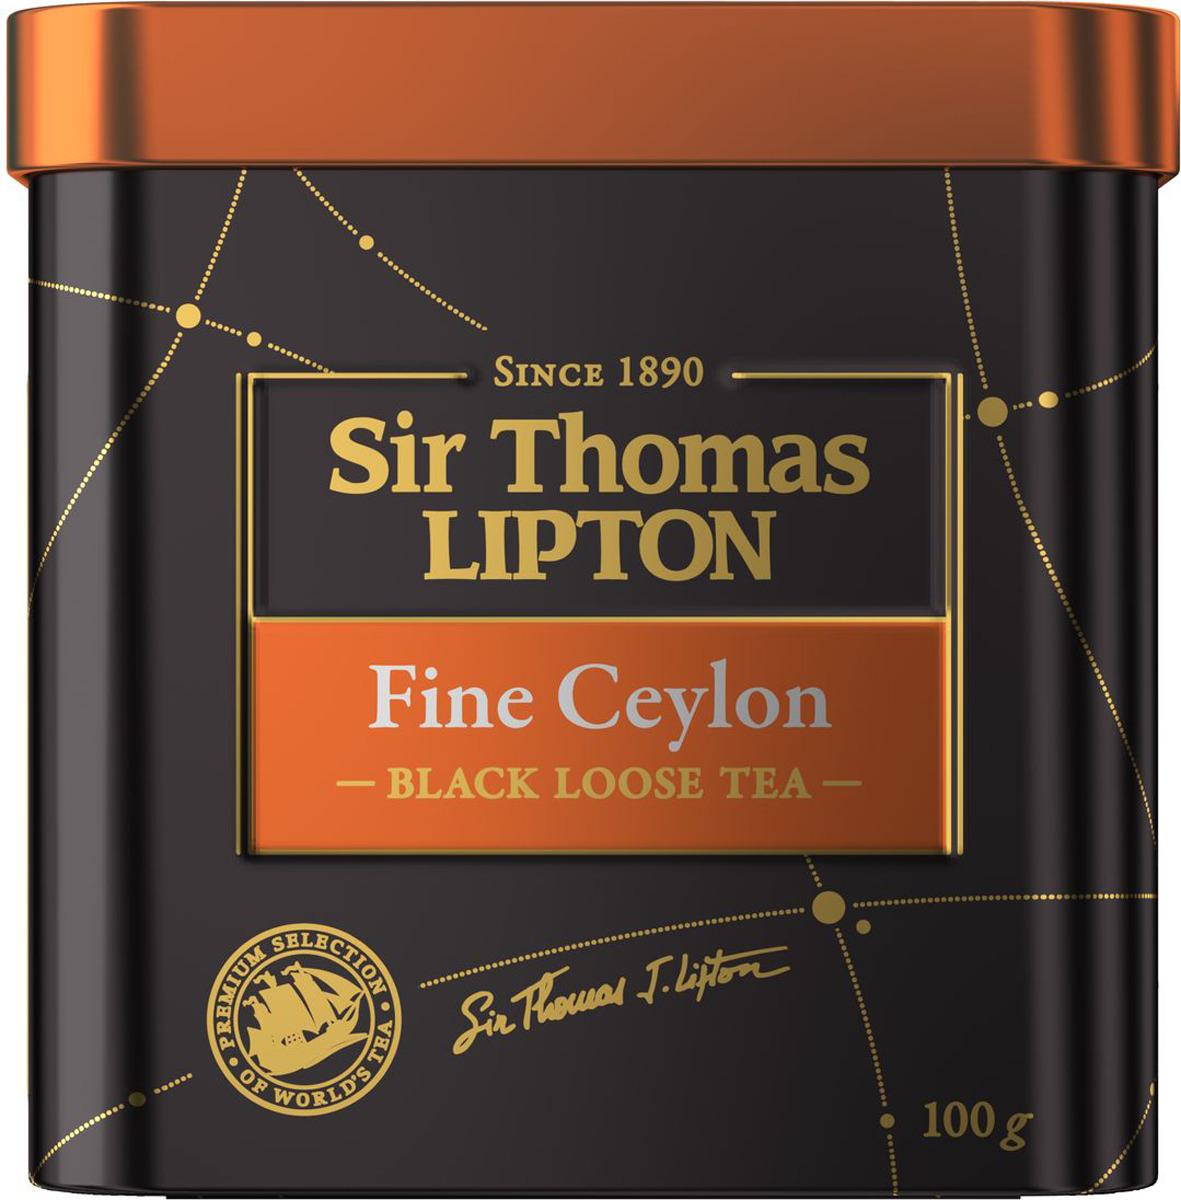 Sir Thomas Lipton Fine Ceylon чай черный листовой, 100 г lipton черный чай heart of ceylon 100 шт